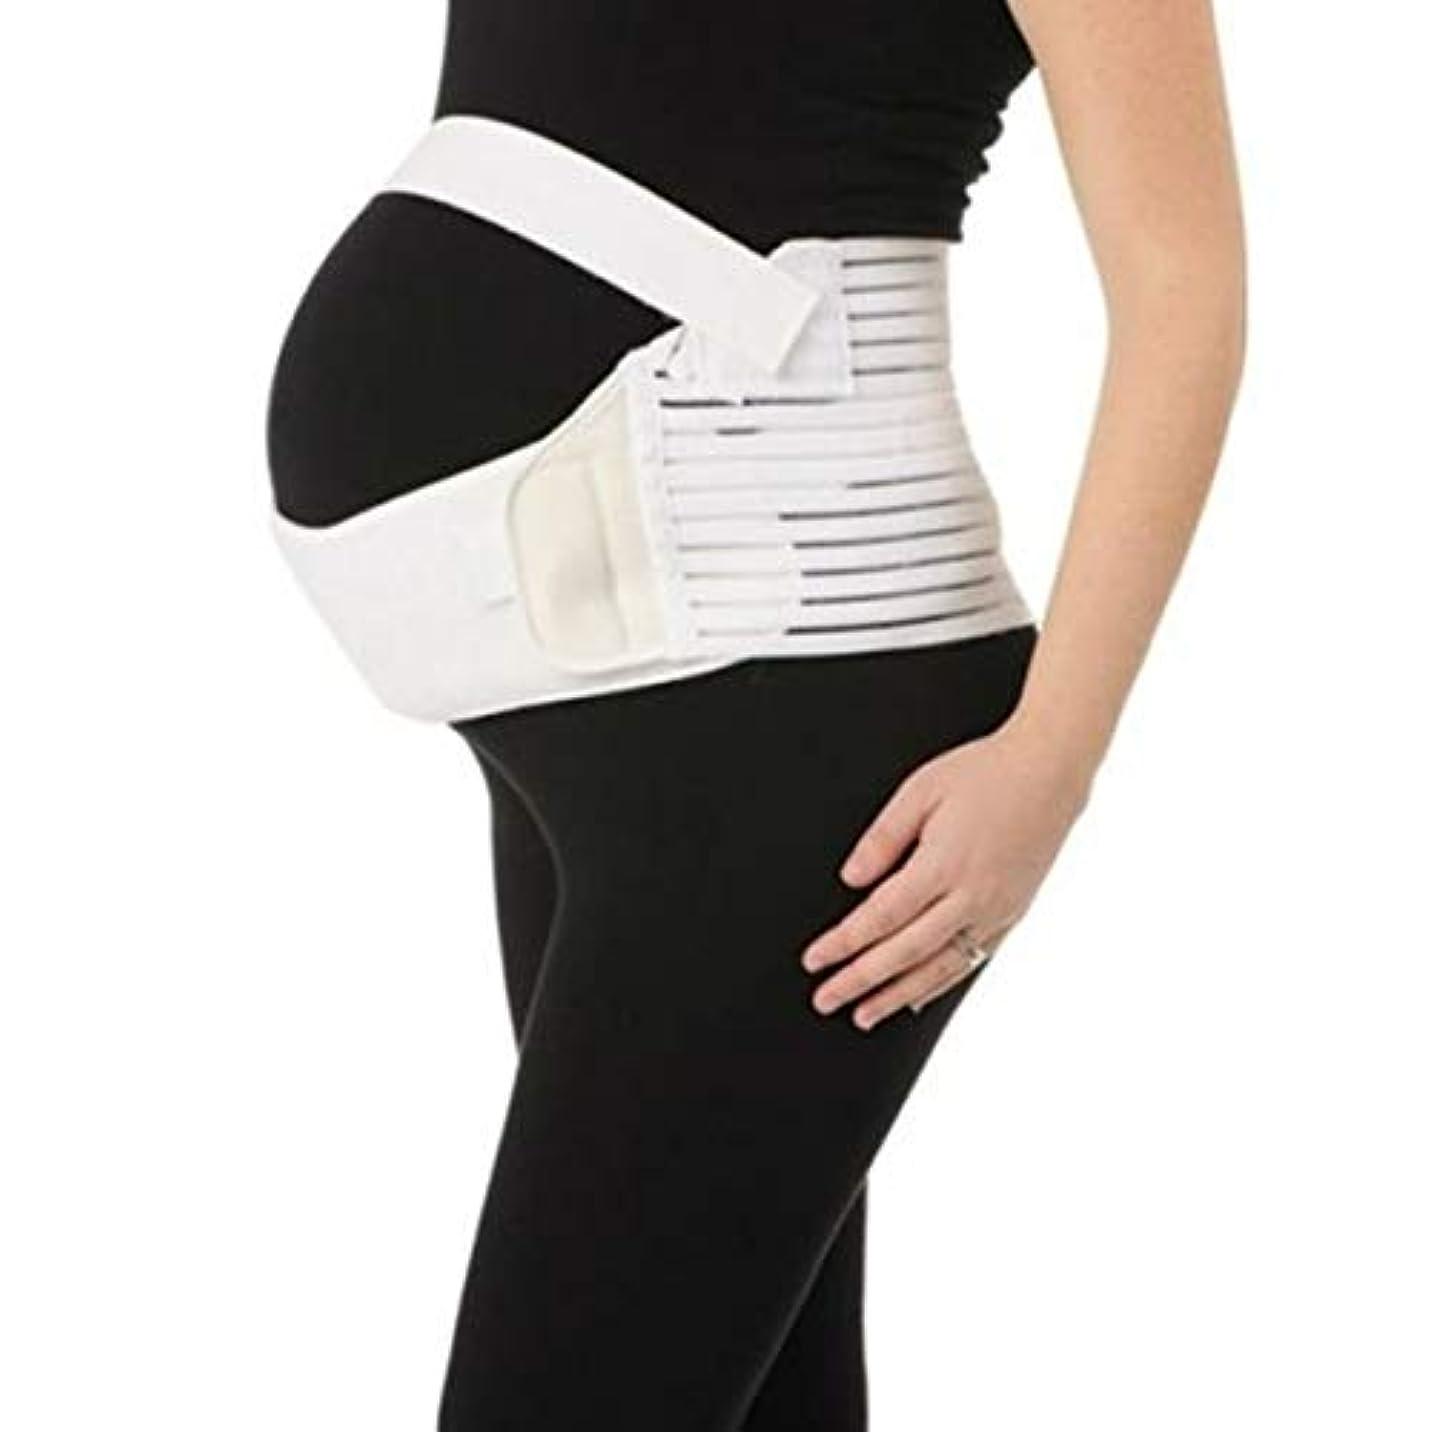 乱闘失望討論通気性マタニティベルト妊娠腹部サポート腹部バインダーガードル運動包帯産後回復形状ウェア - ホワイトXL